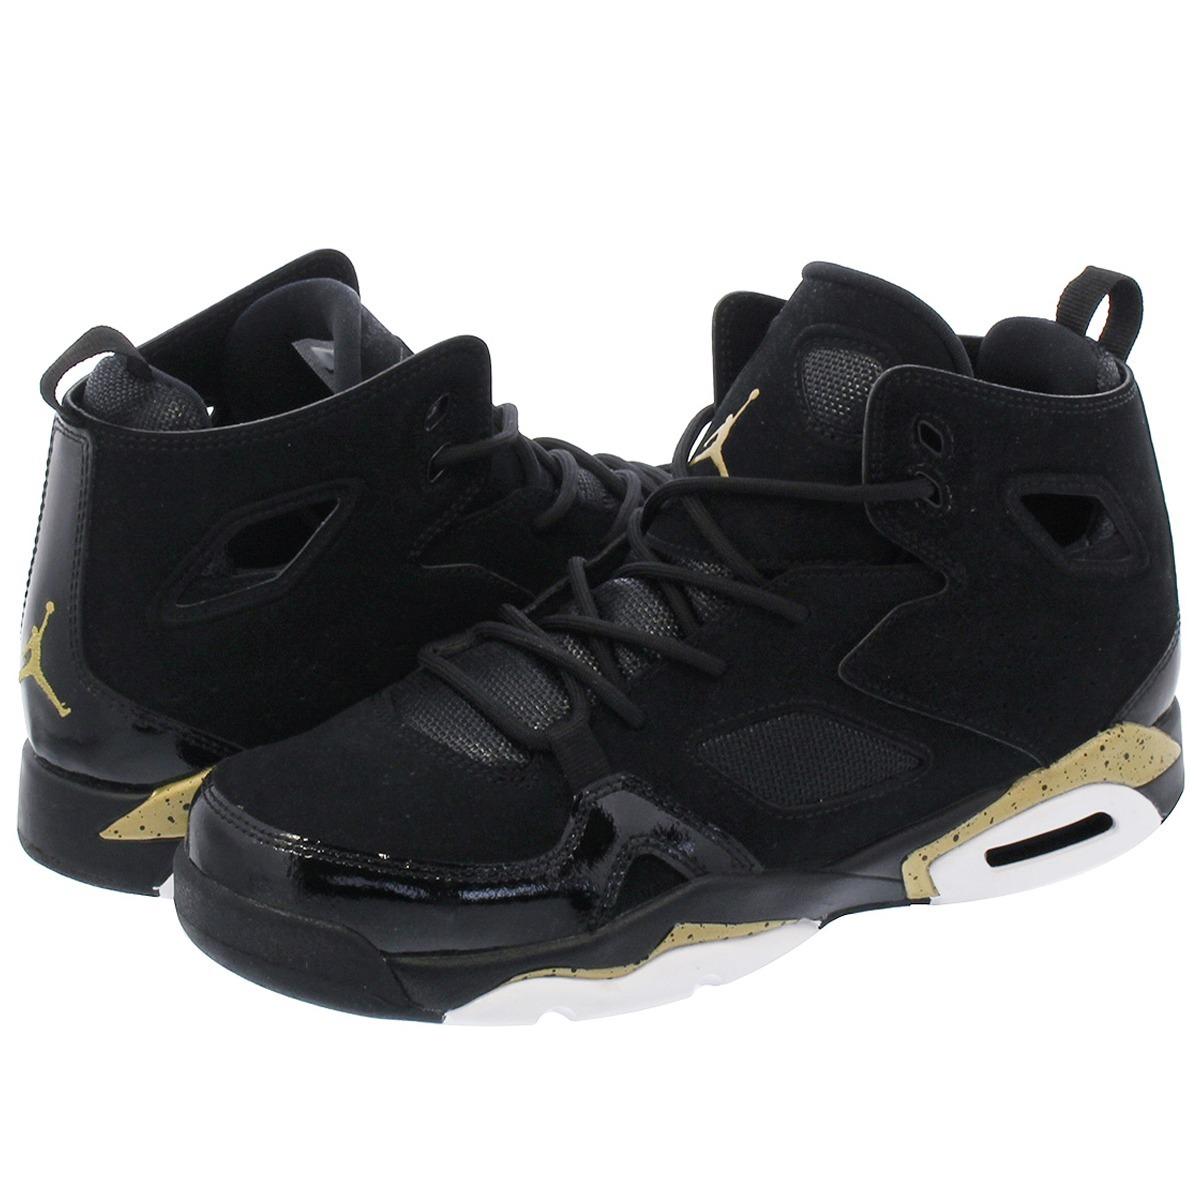 lowest price 8b695 c5086 Tenis Jordan Flight Club 91 Negro Dorado Bota Basket Retro